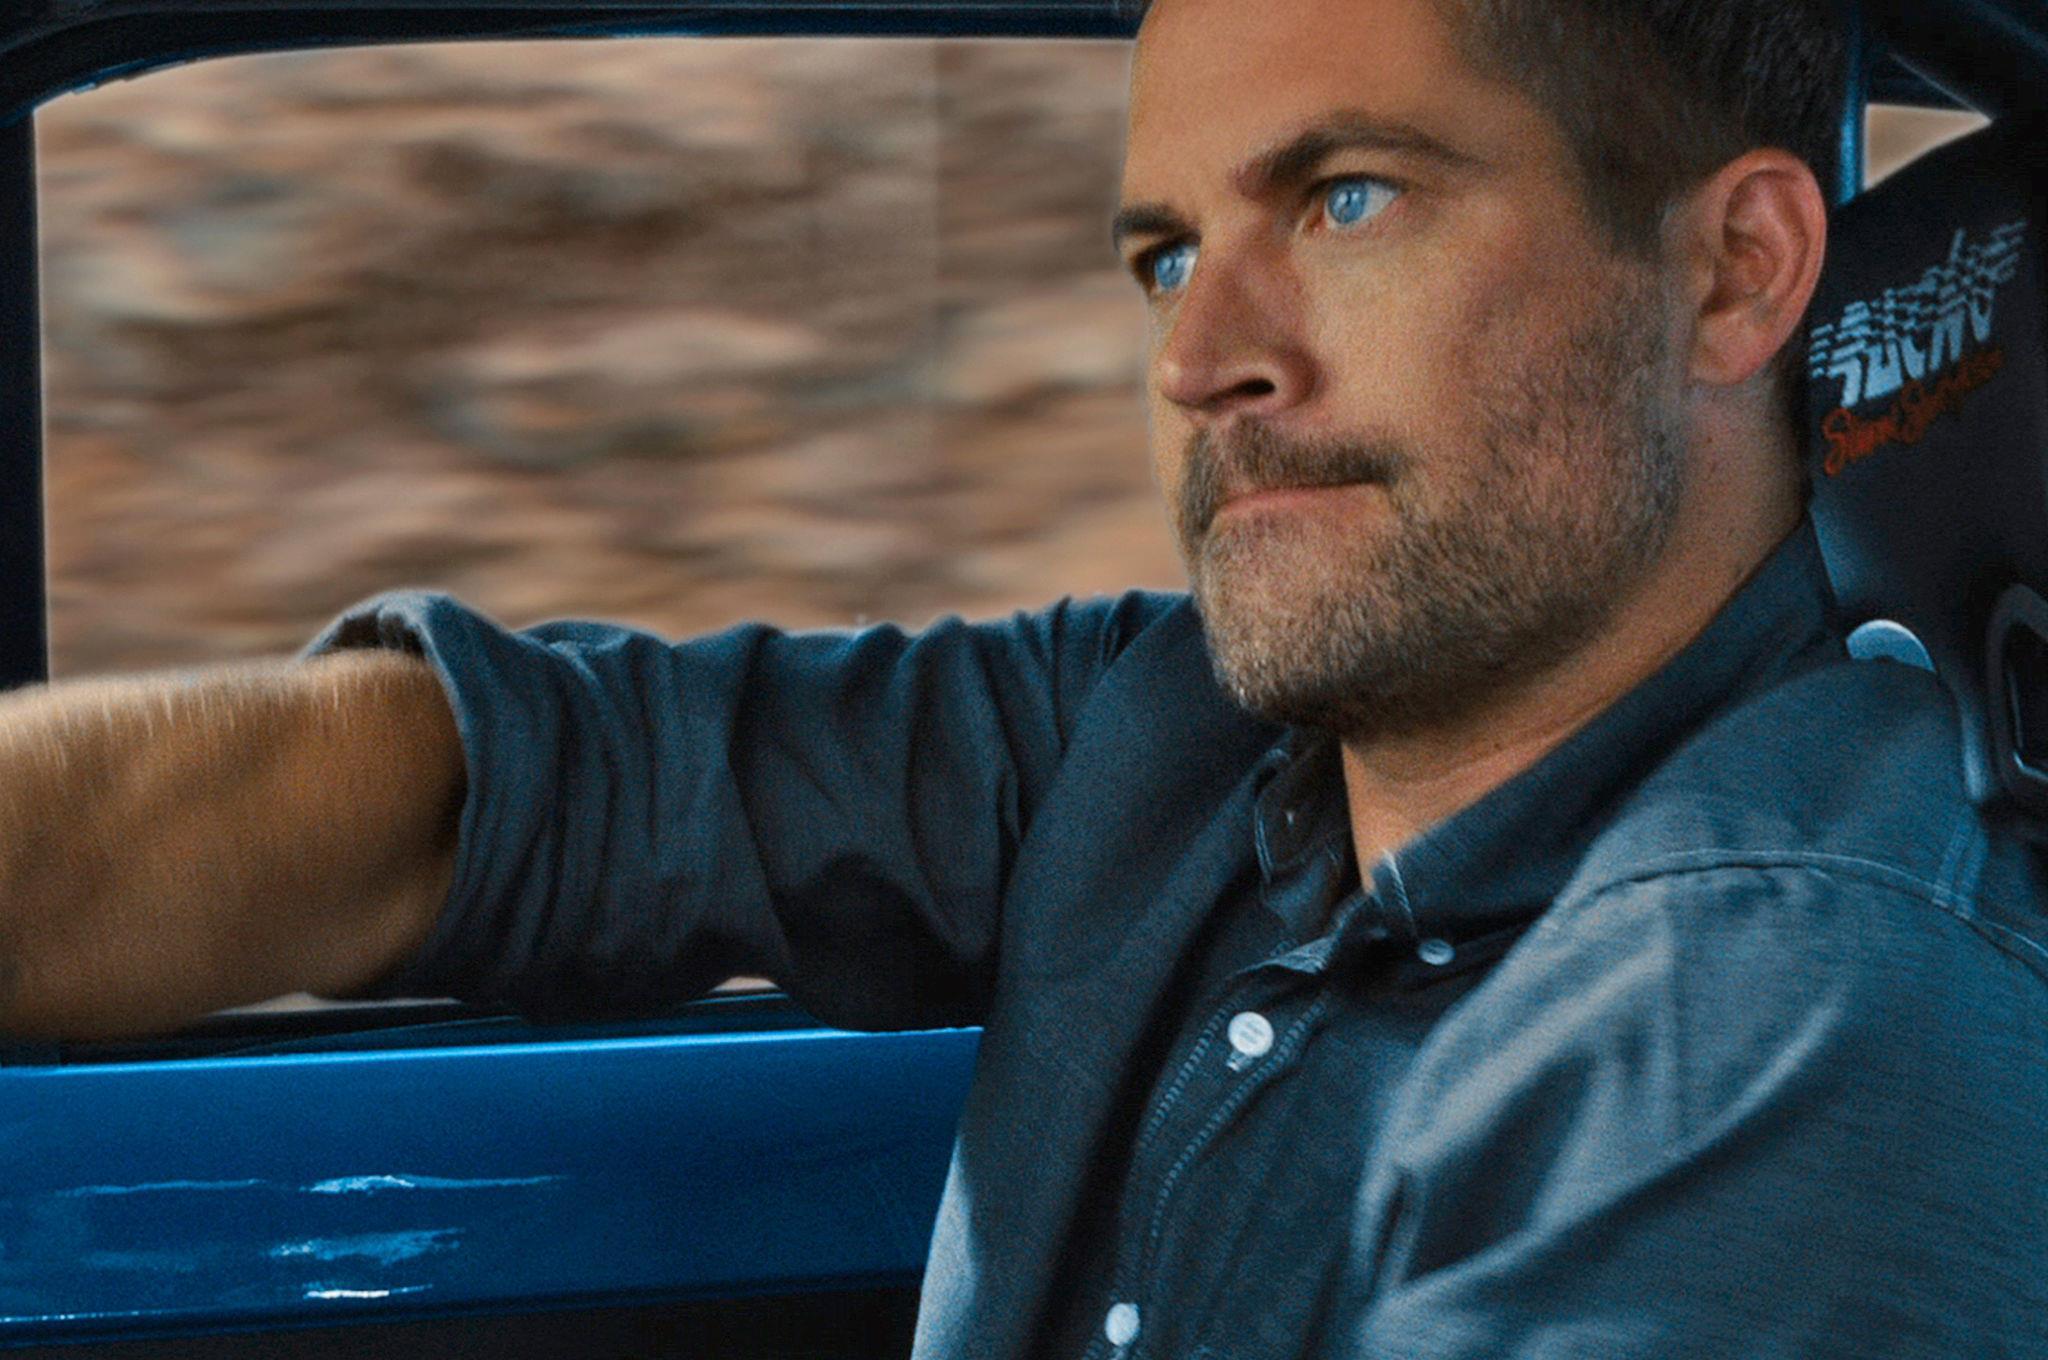 Con la morte prematura dell'attore Paul Walker, Fast and Furious 8 avrà una nuova struttura narrativa